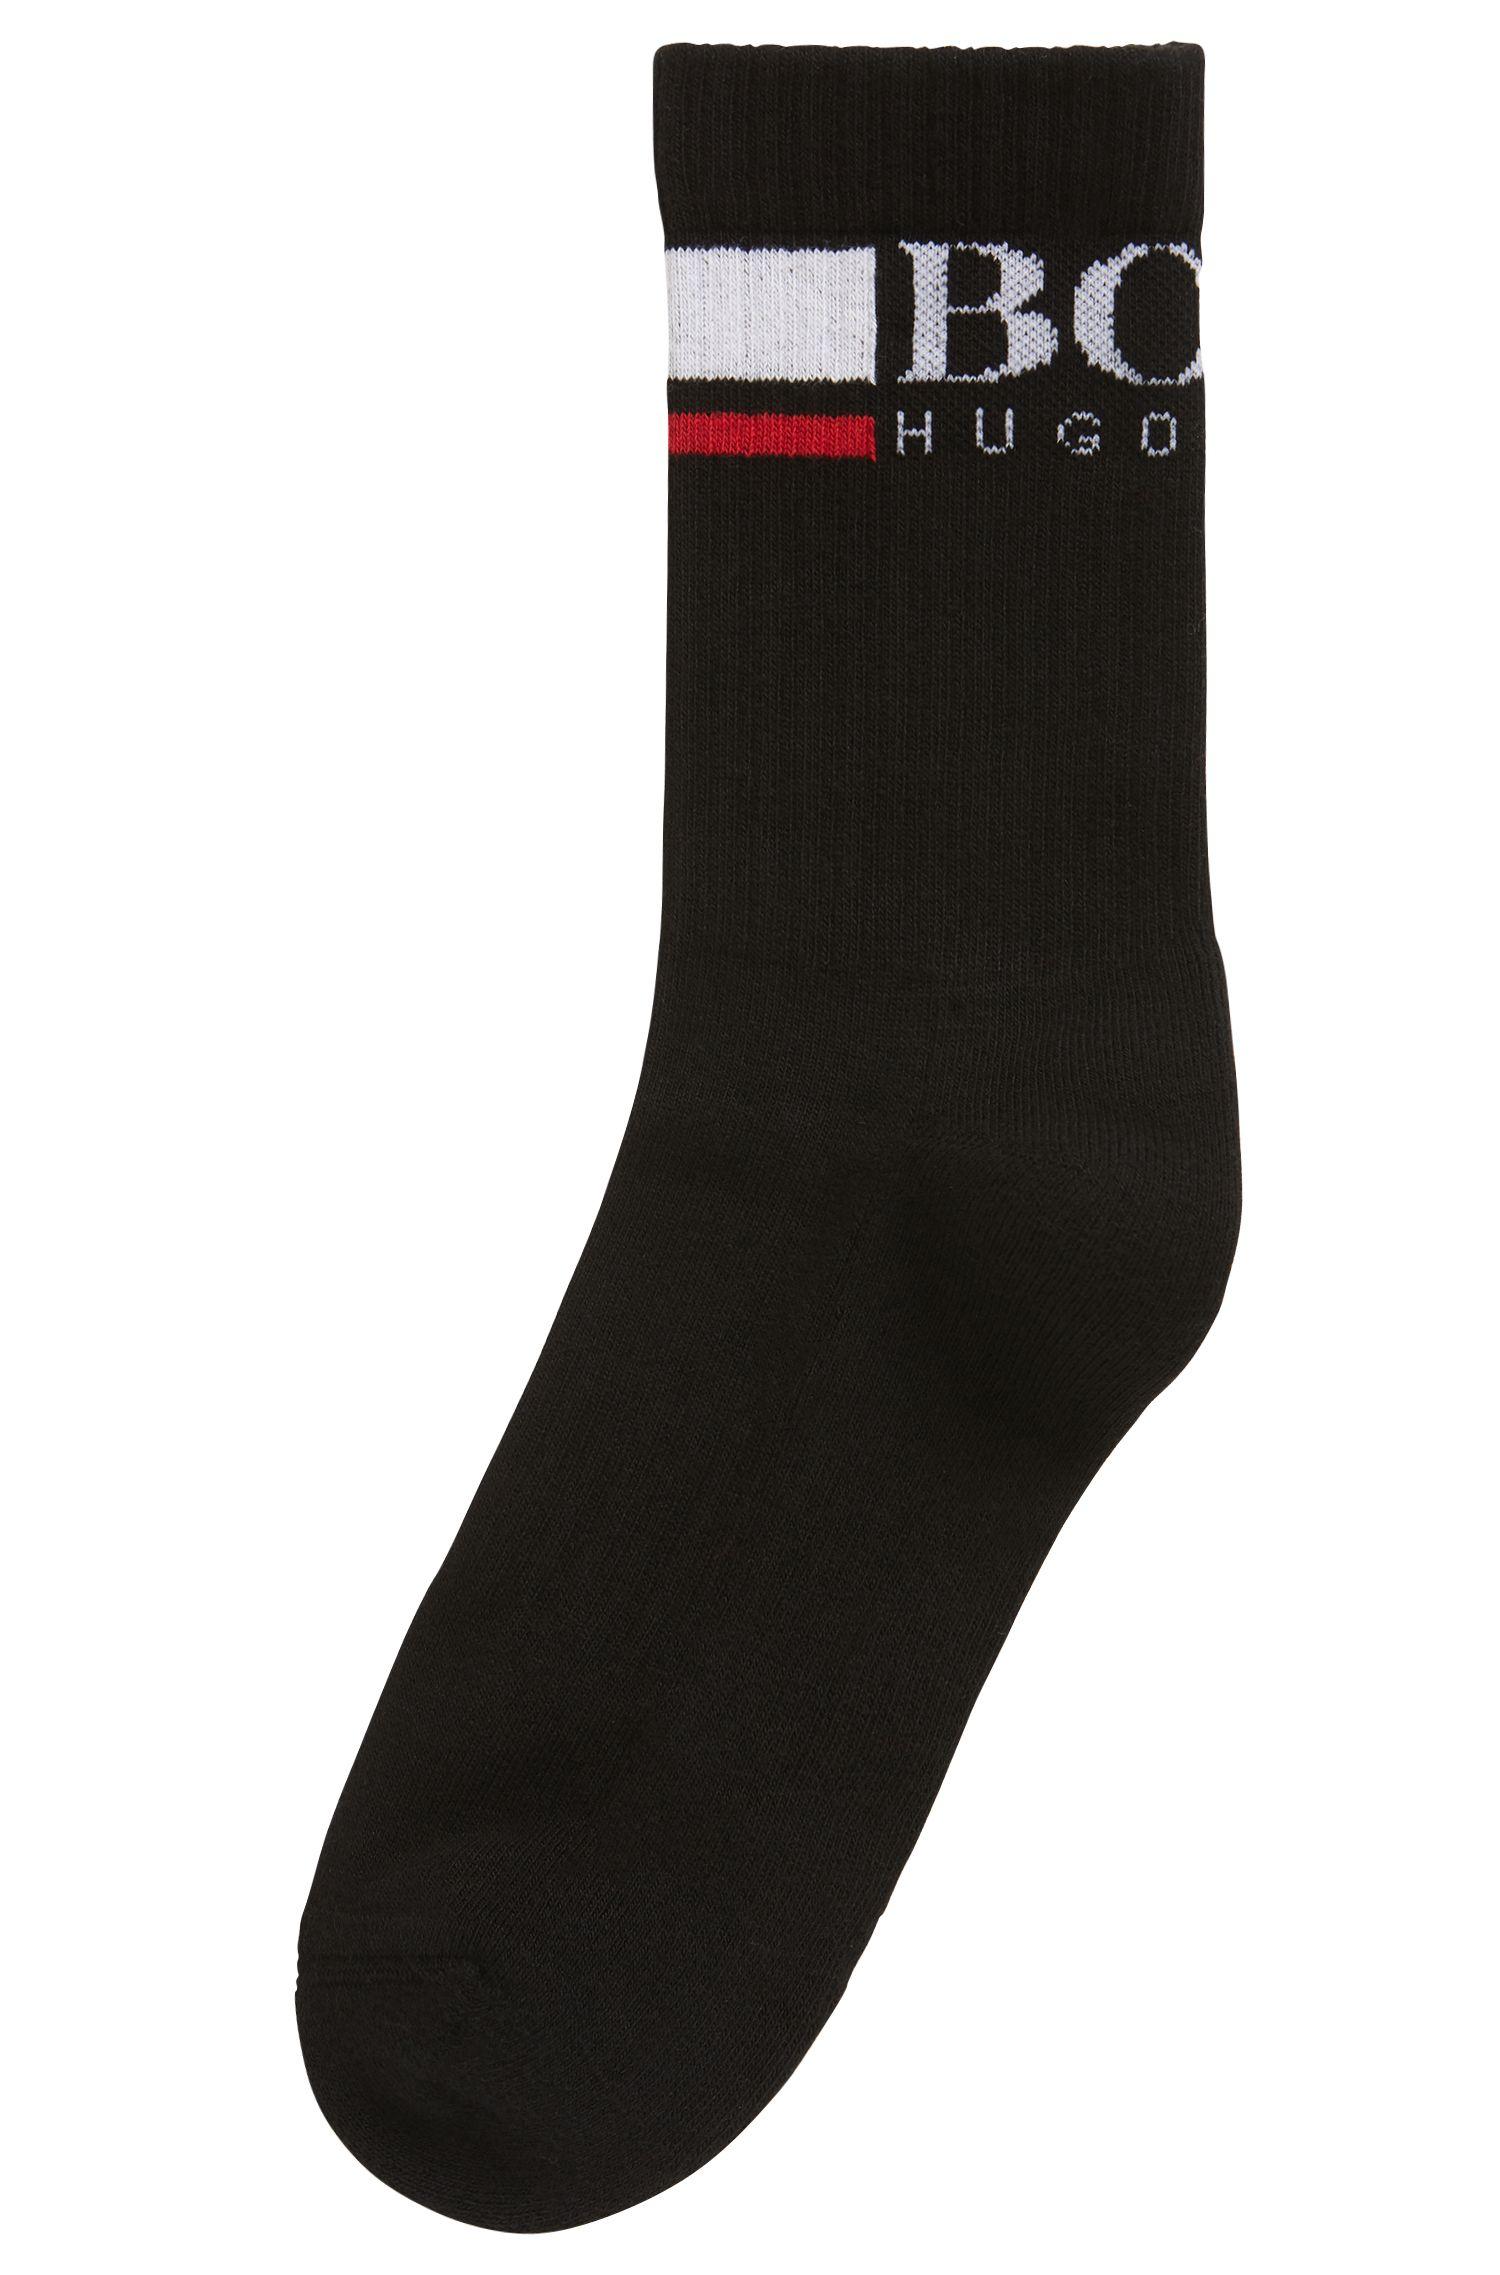 Mittelhohe Socken aus elastischem Baumwoll-Mix, Schwarz